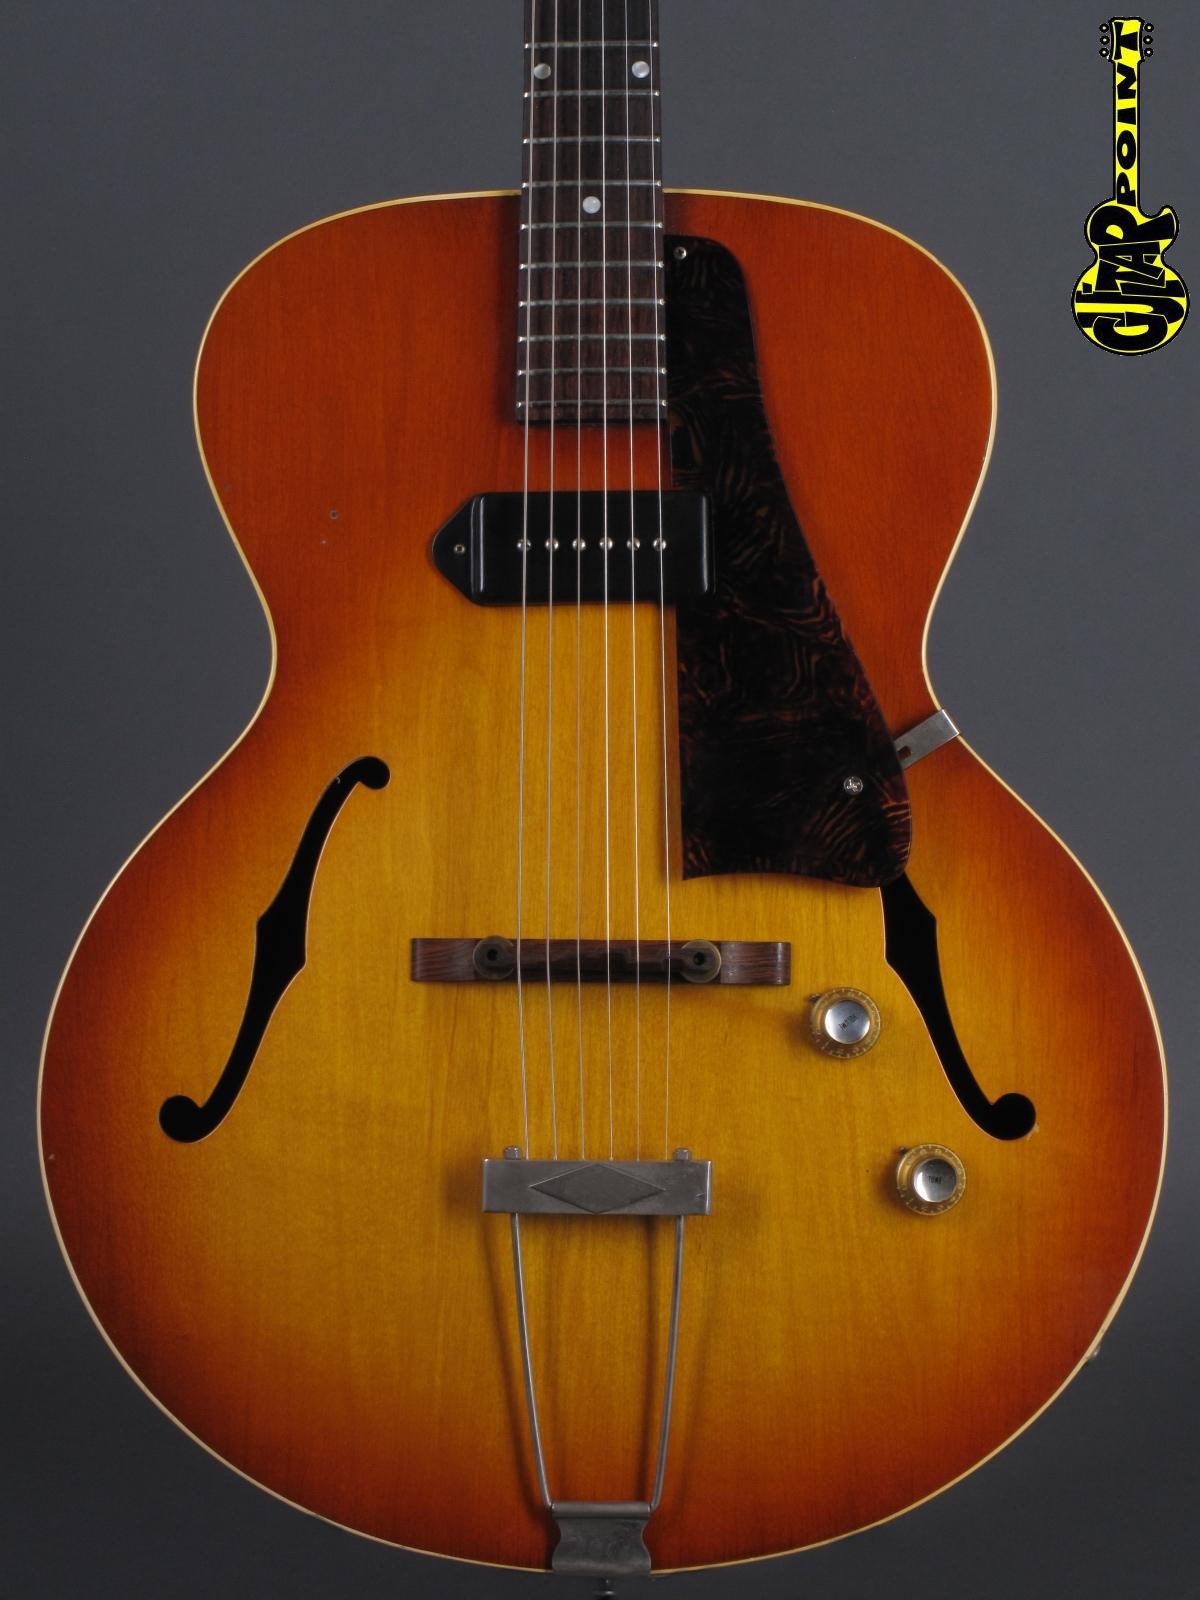 1965 Gibson ES-125 - Sunburst